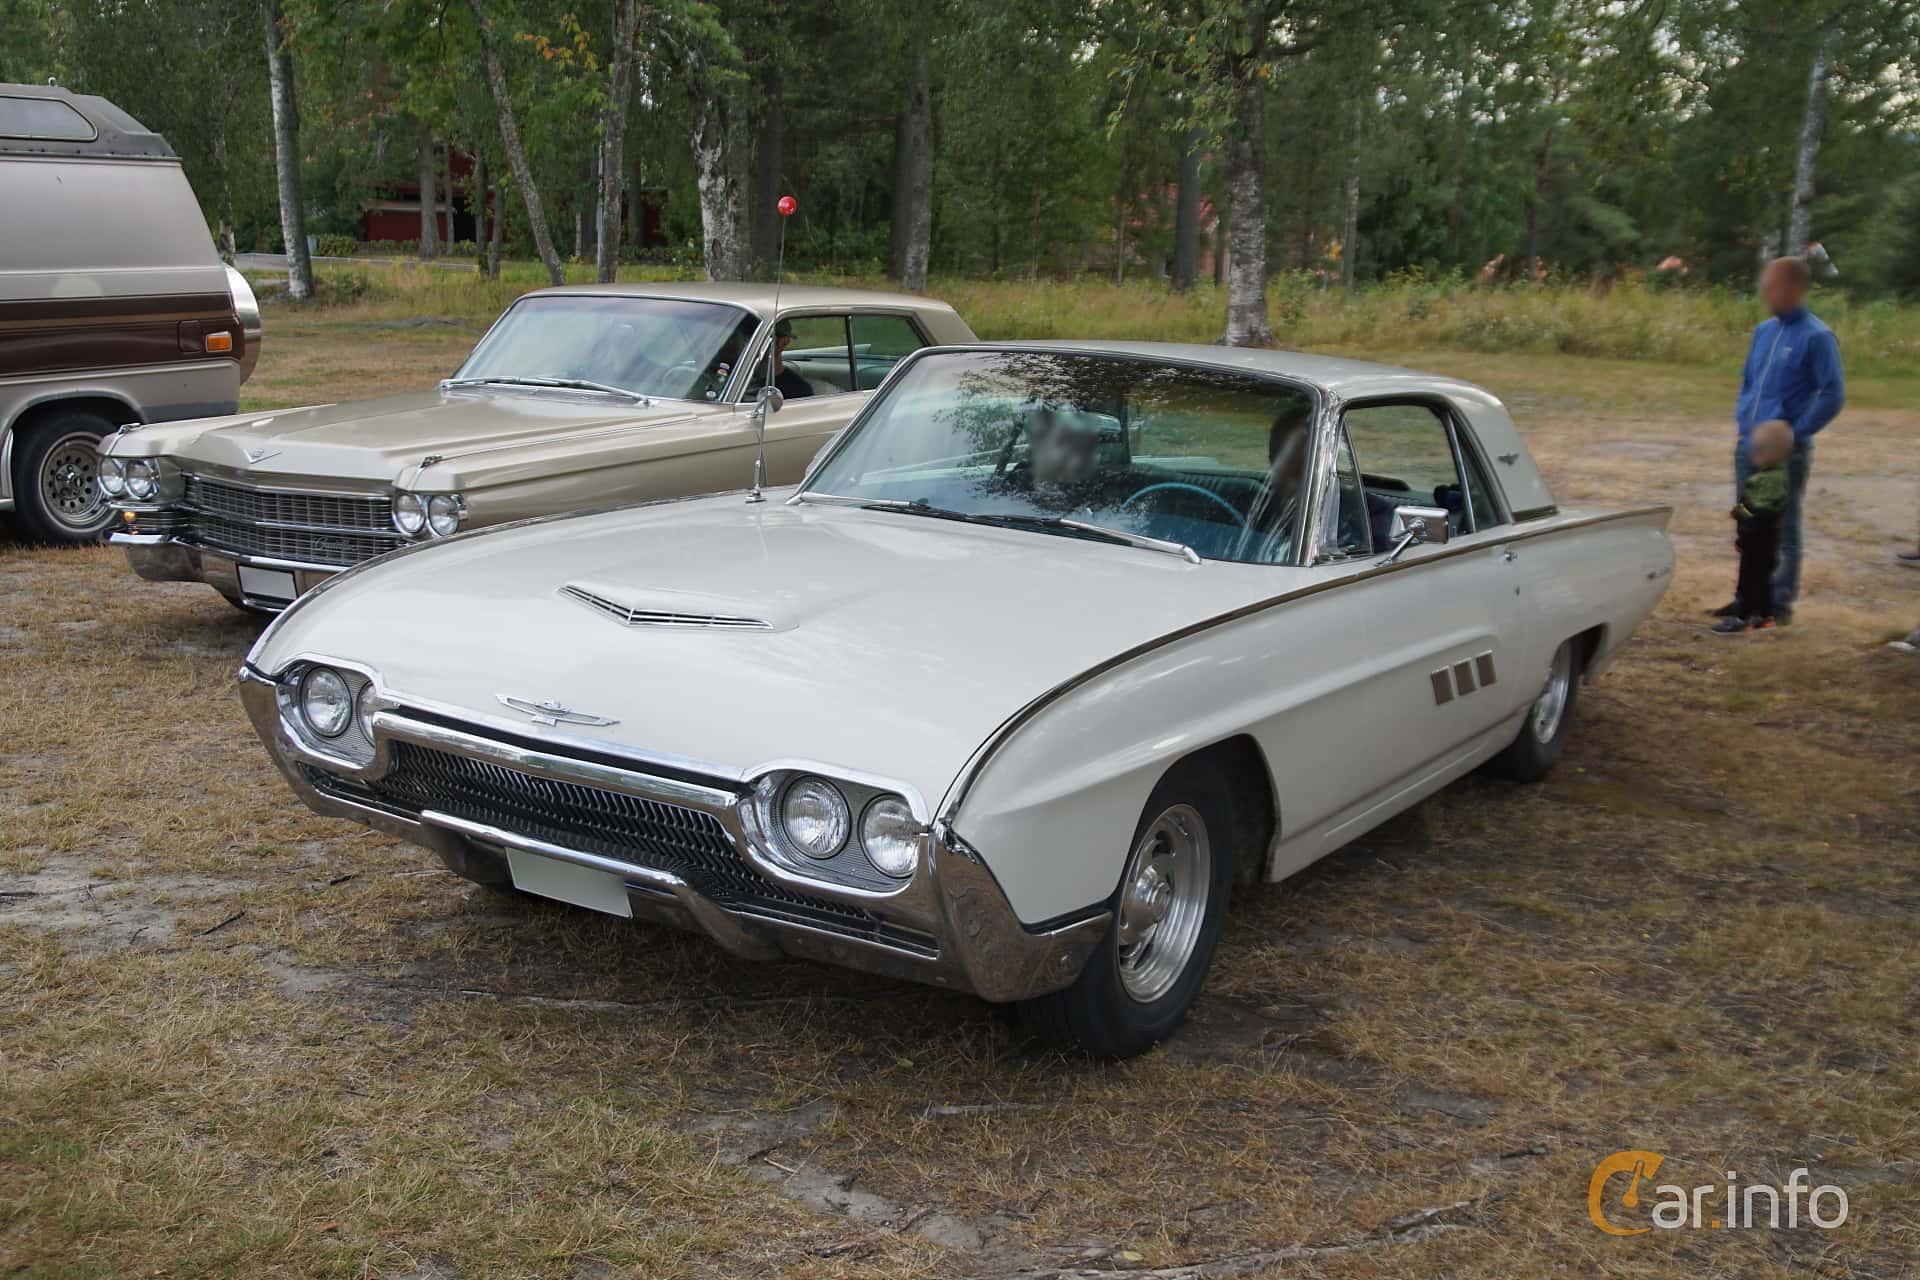 Ford Thunderbird Hardtop 6.4 V8 Automatic, 305hp, 1963 at Onsdagsträffar på Gammlia Umeå 2019 vecka 32